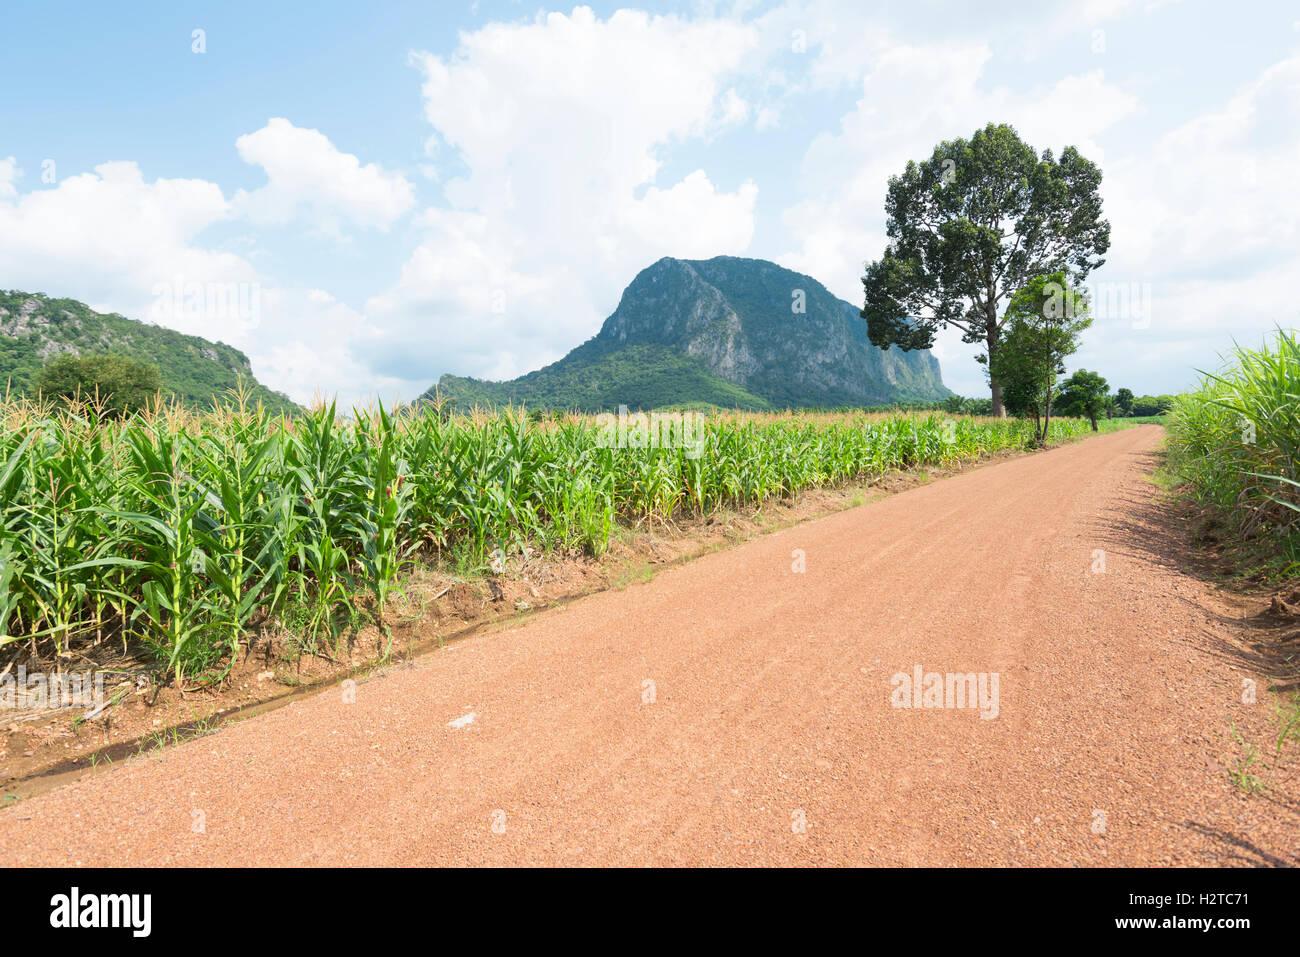 País por carretera a través de los campos de maíz Imagen De Stock